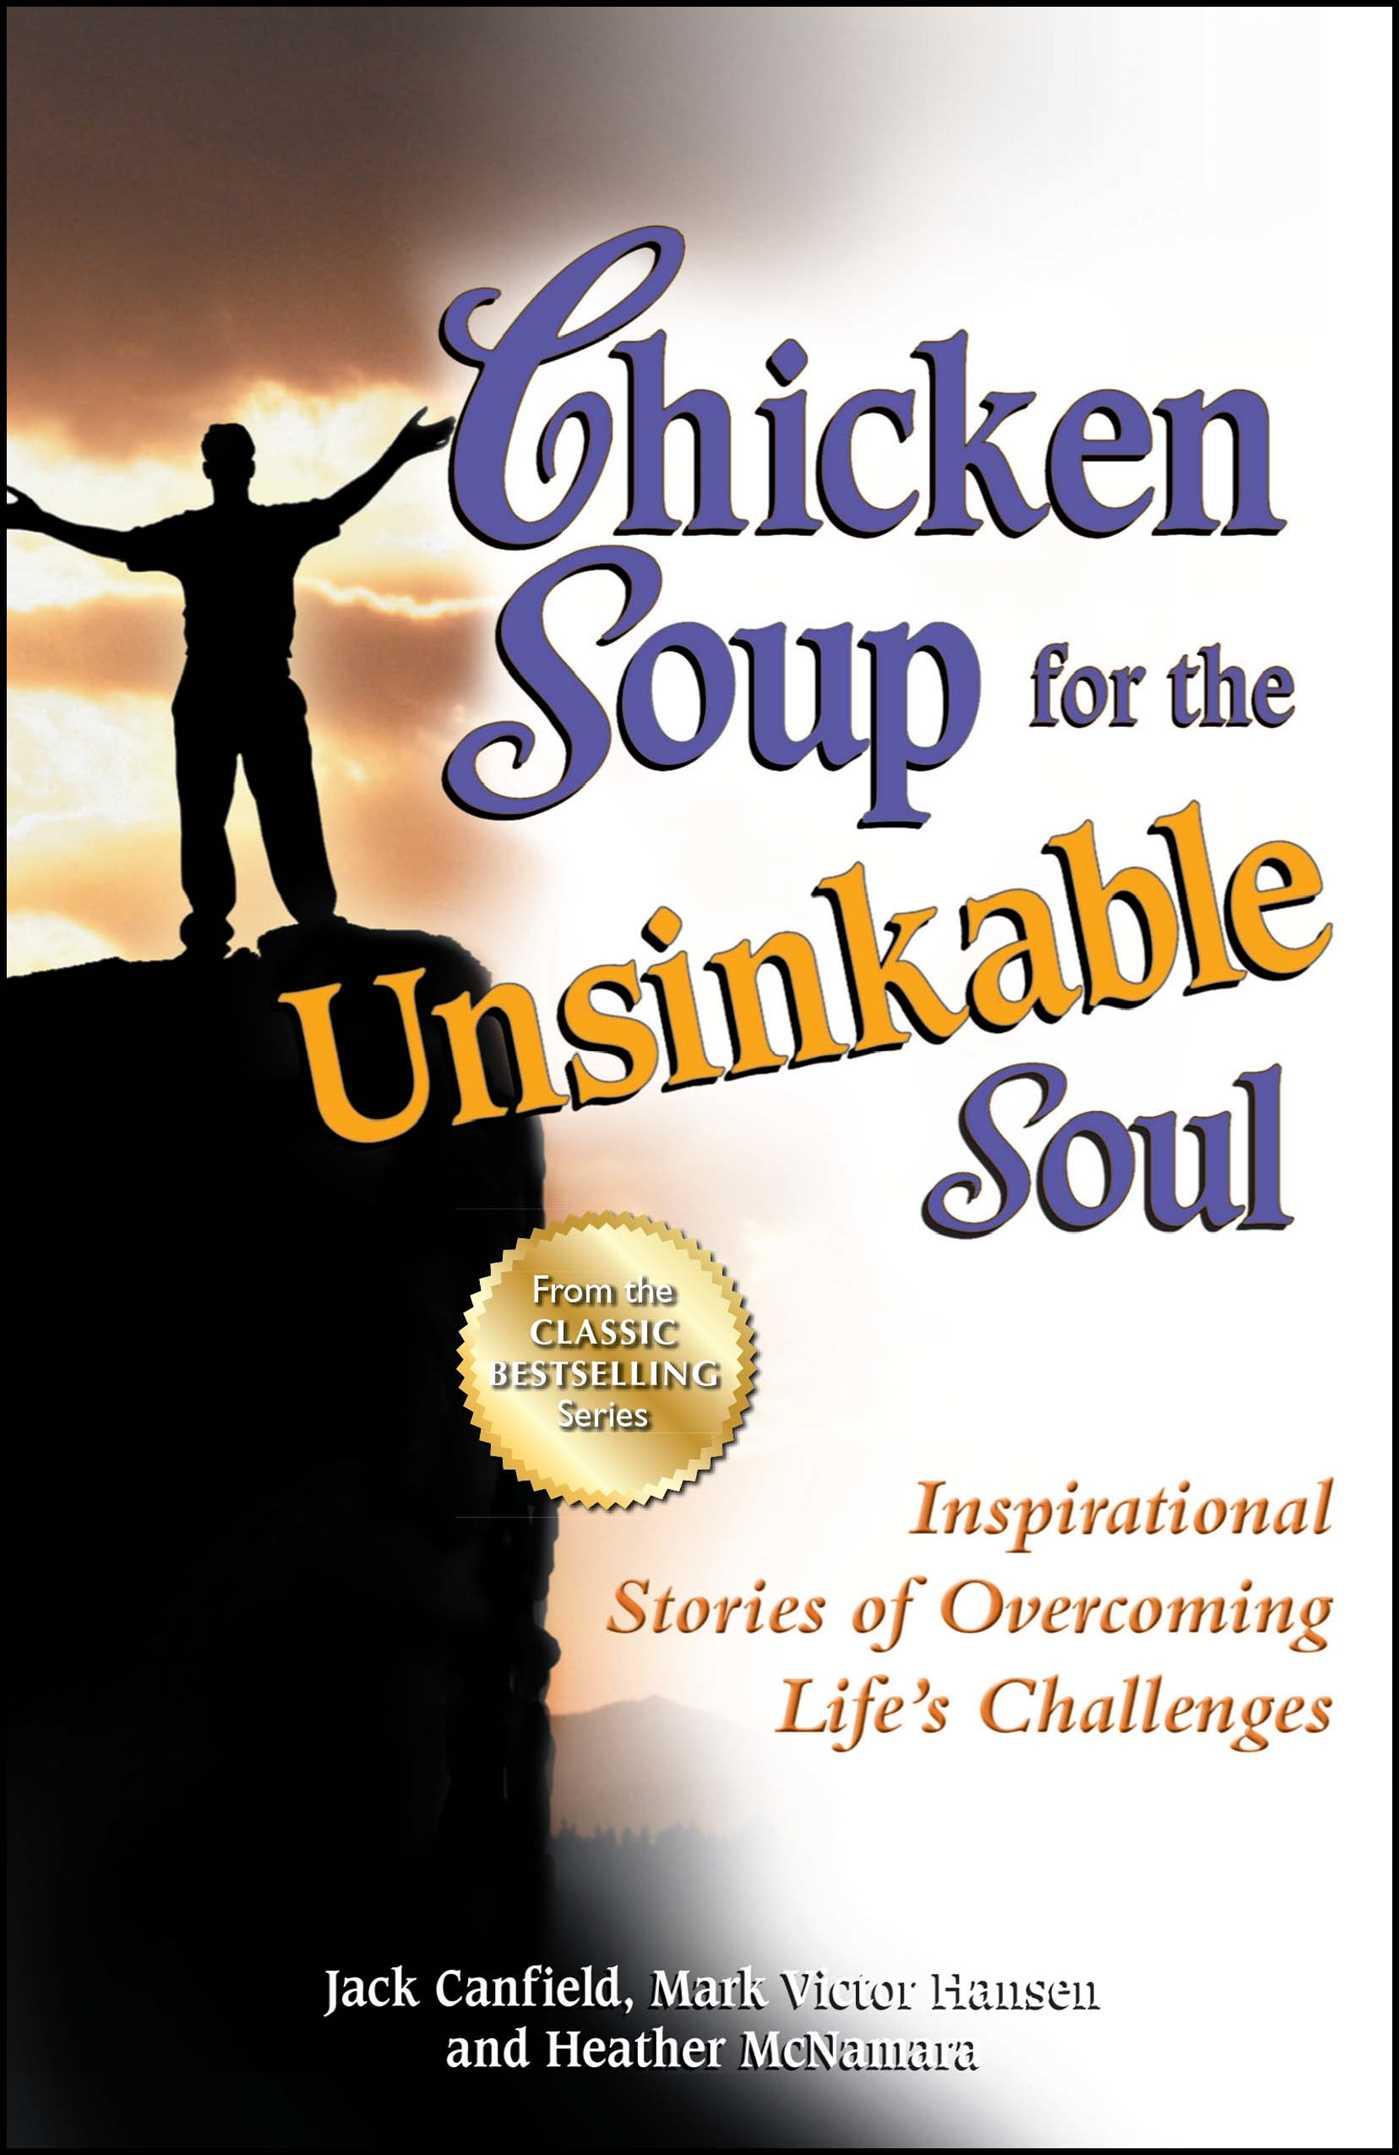 Chicken Soup For The Soul  Chicken Soup for the Unsinkable Soul